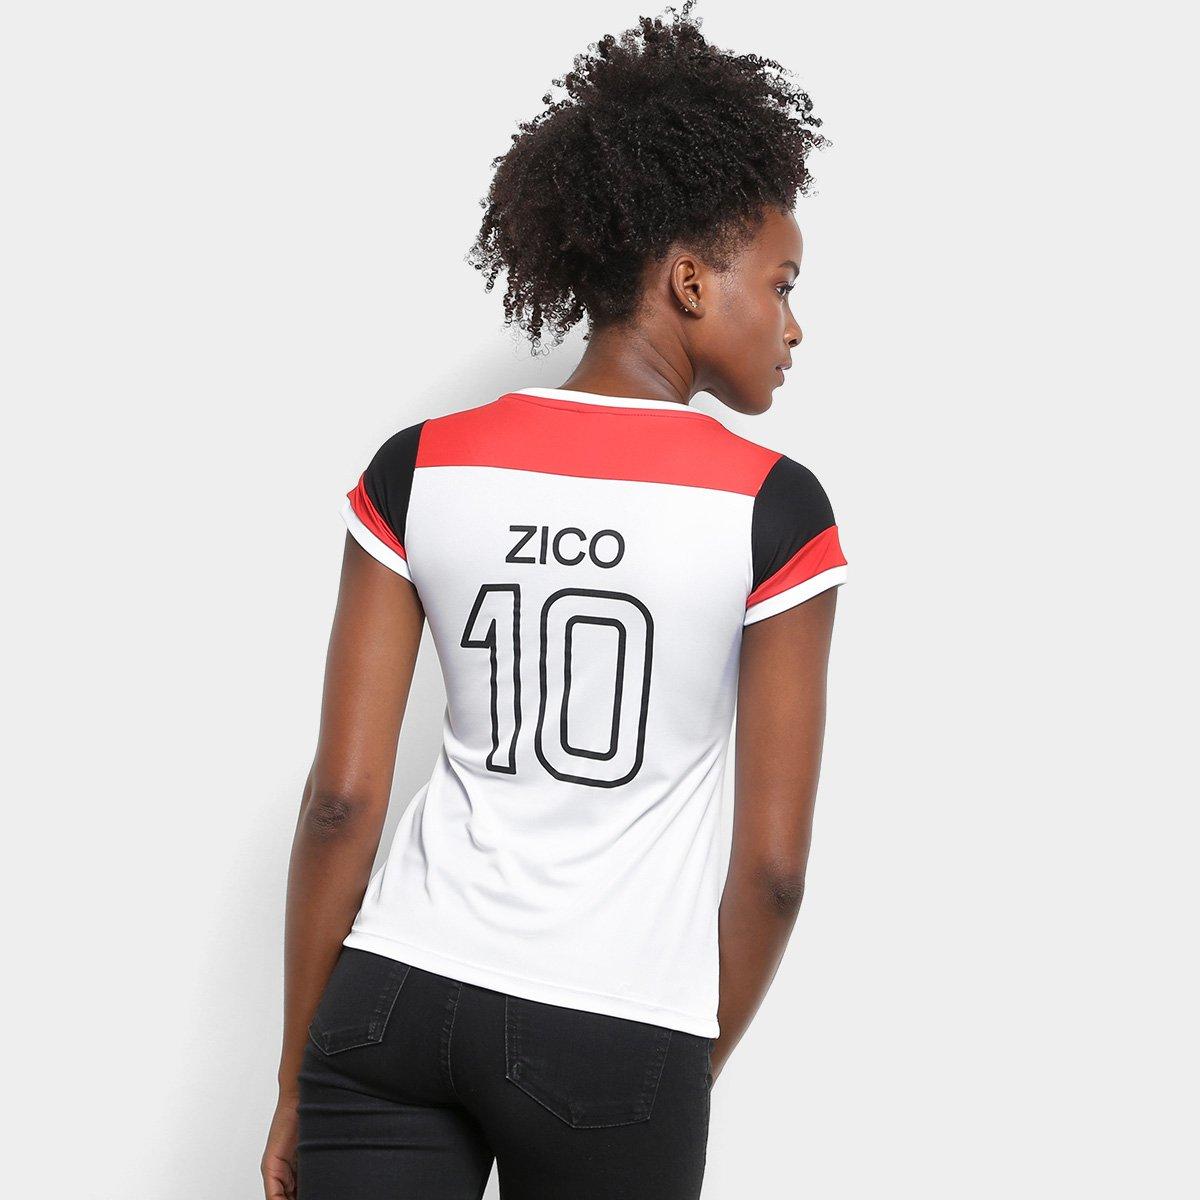 106eeeb010 Camiseta Flamengo Zico nº 81 Retrô Feminina - Branco e Vermelho ...